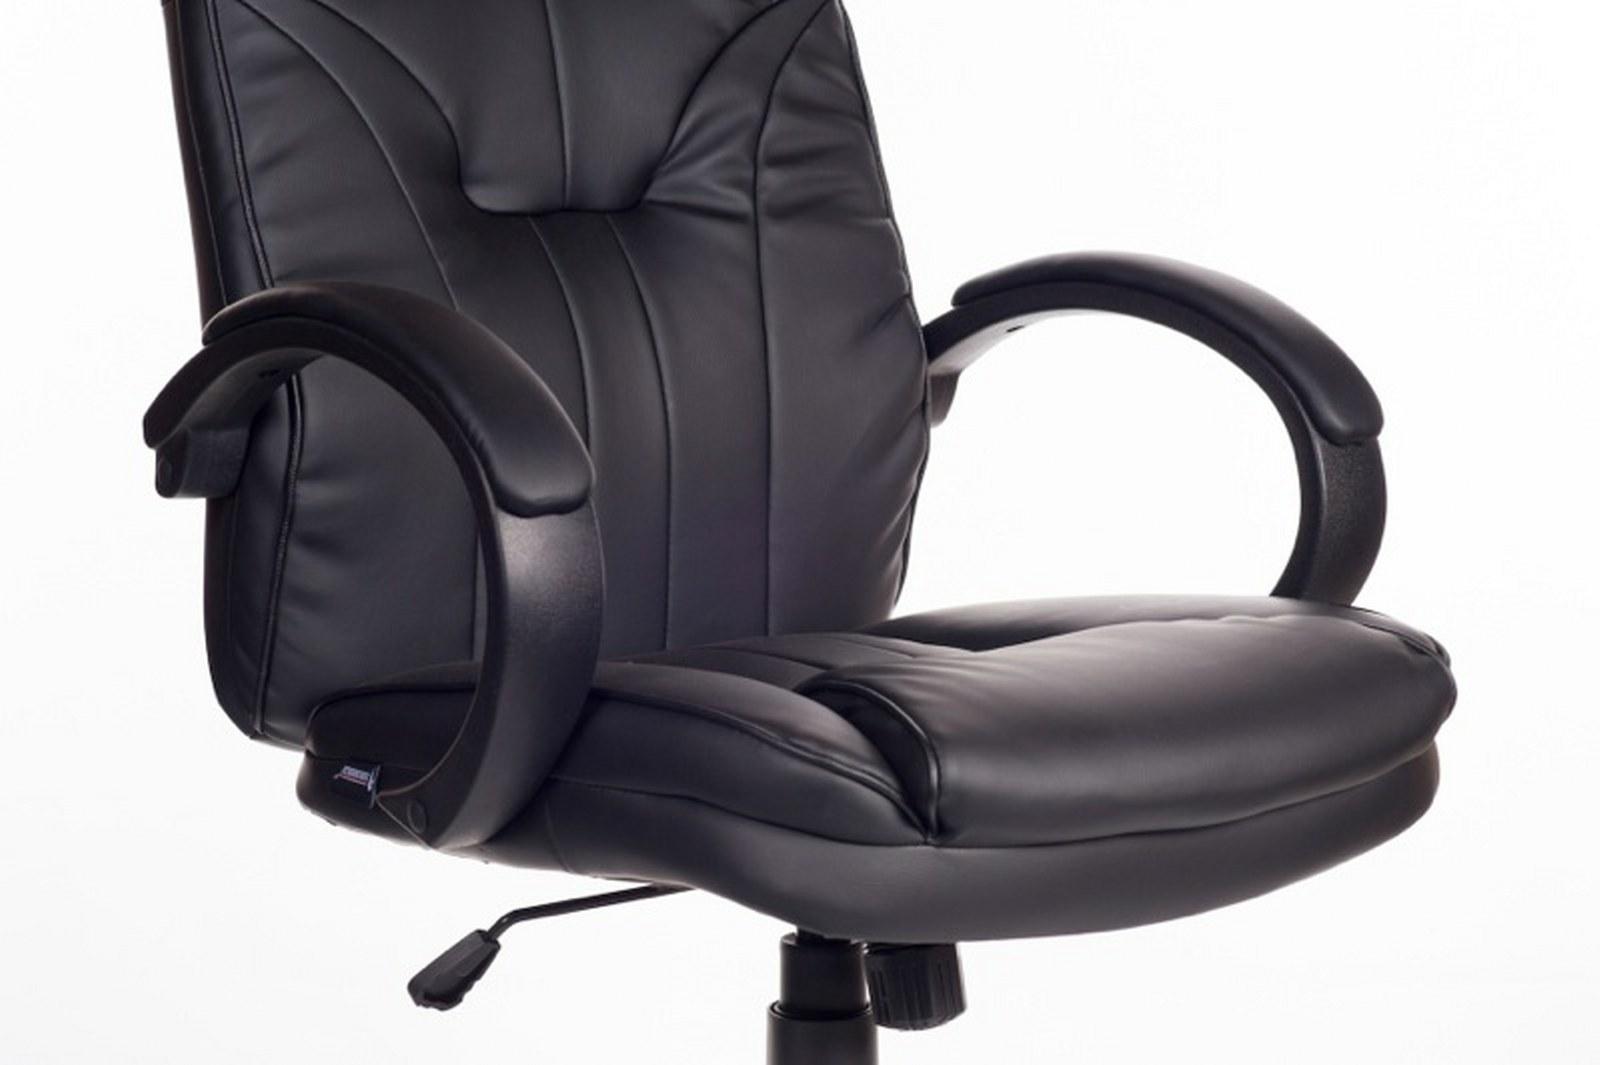 Poltrona sedia da ufficio studio presidenziale nera girevole